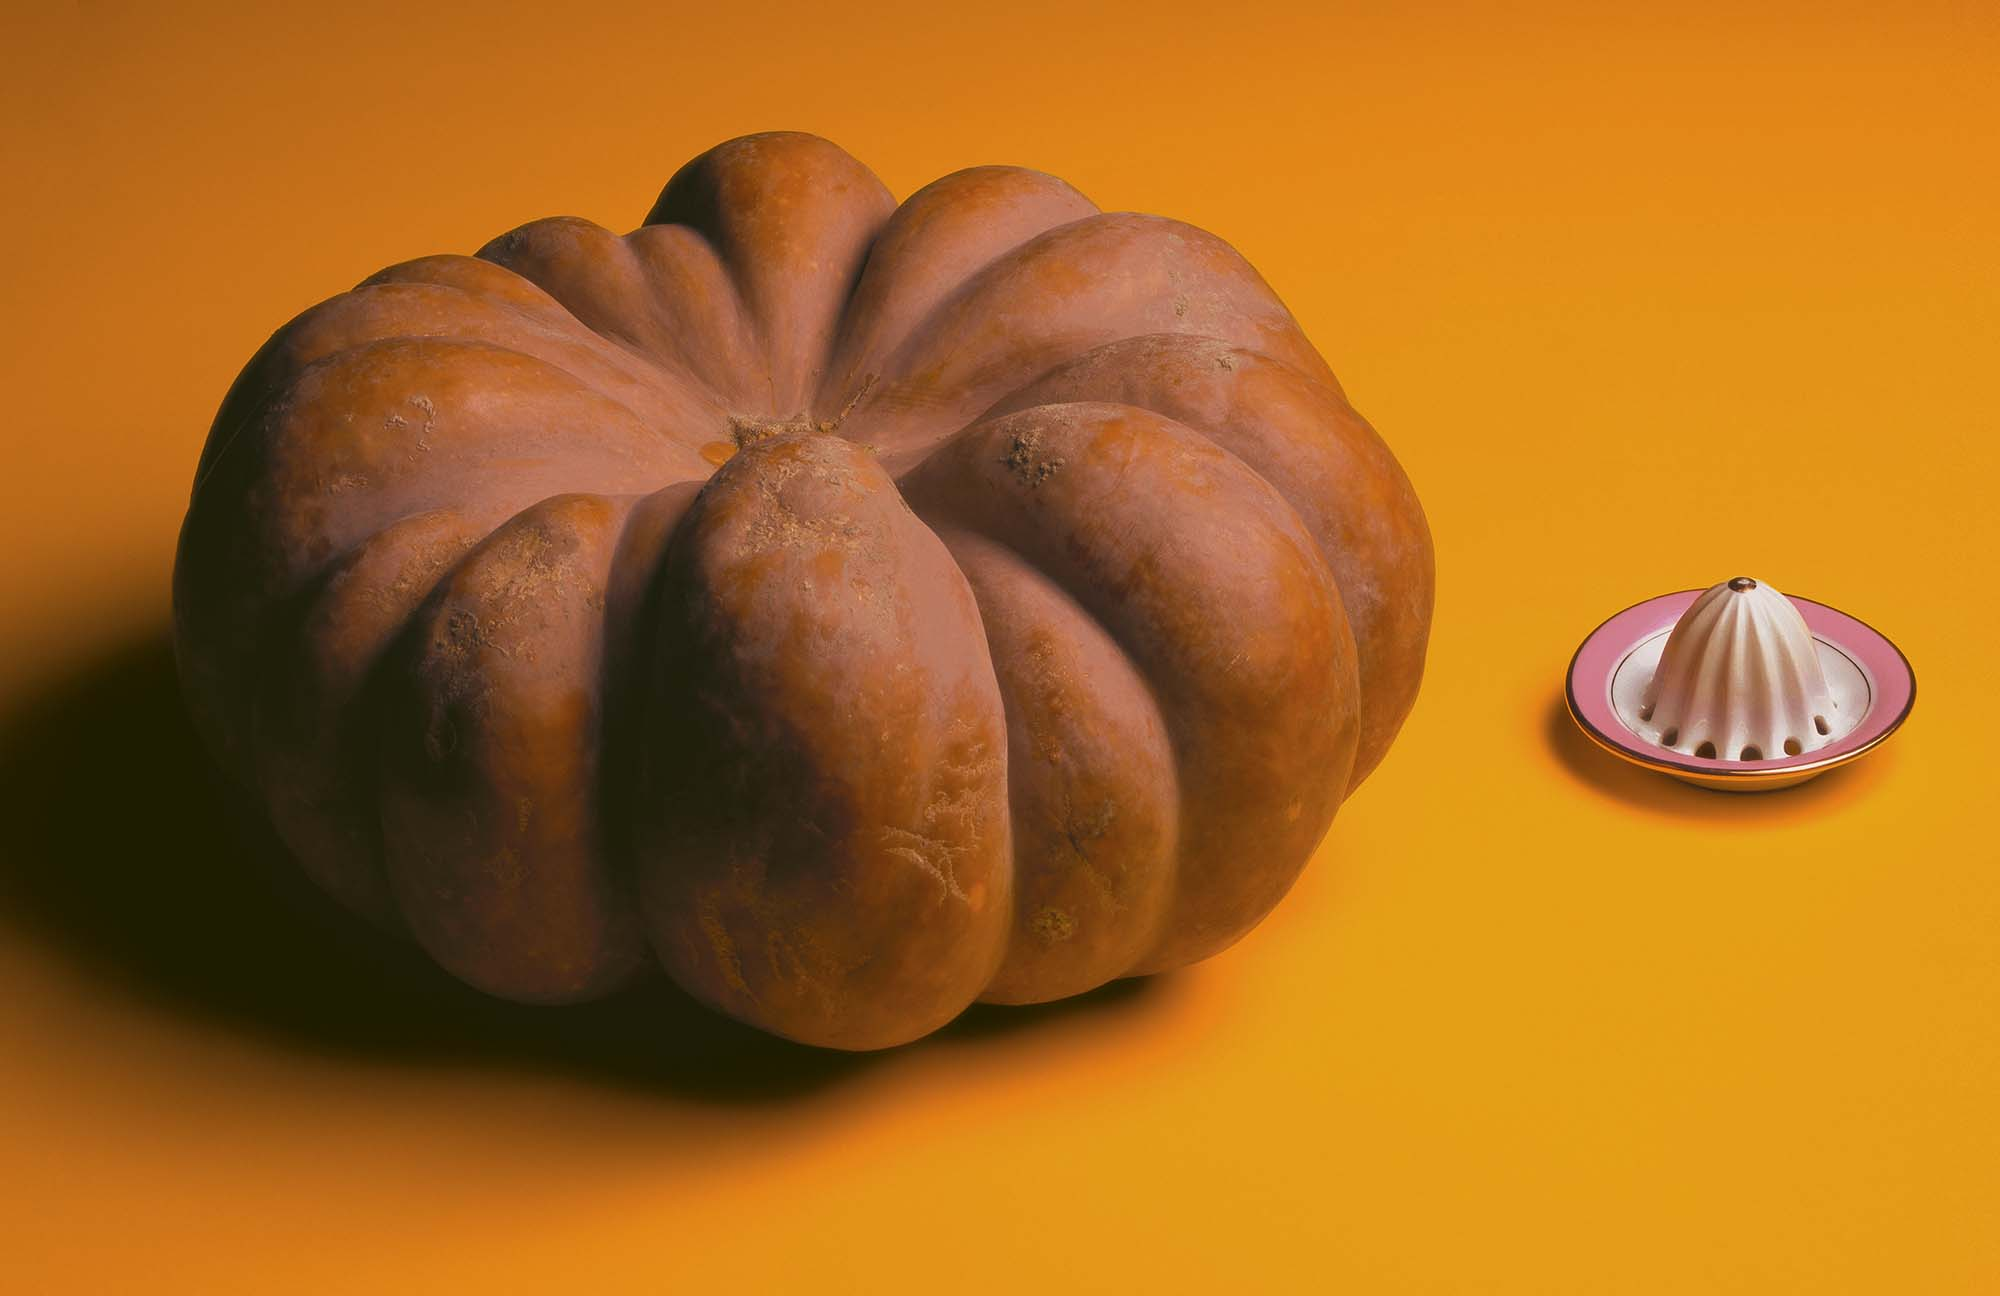 Foto uit 'Een bijzondere manier van cuisson geven-maar niet zonder risico, Robert Kranenborg. Verschenen bij KMuitgevers|KMpublisher